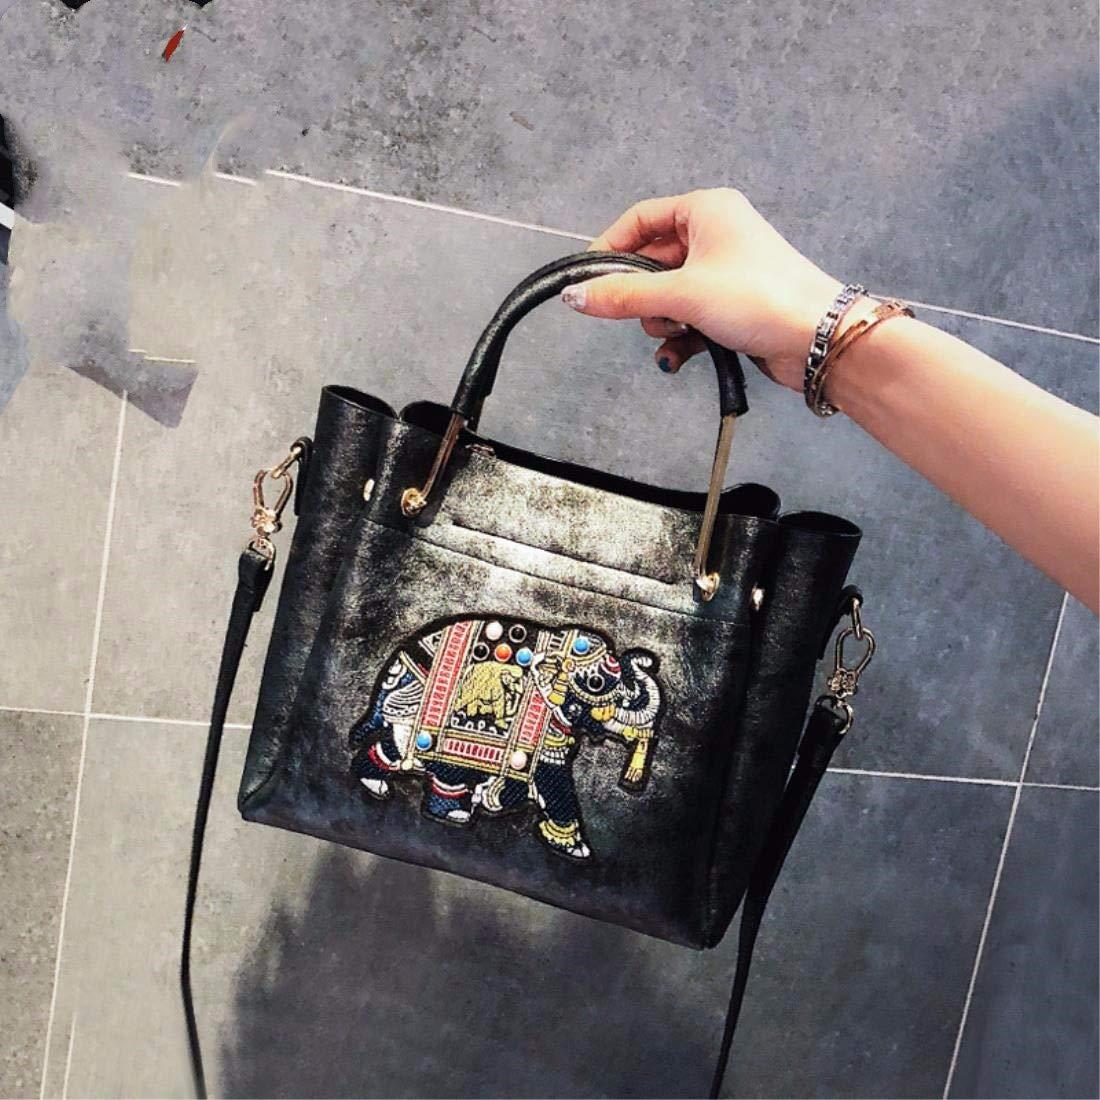 HAPPY-BAG Mode modern Frauen Weiblichen Tasche Tasche Tasche ranzen Sommer - Kette mit Handtasche B07GTJ9KNS Umhngetaschen Sofortige Lieferung 6514b3